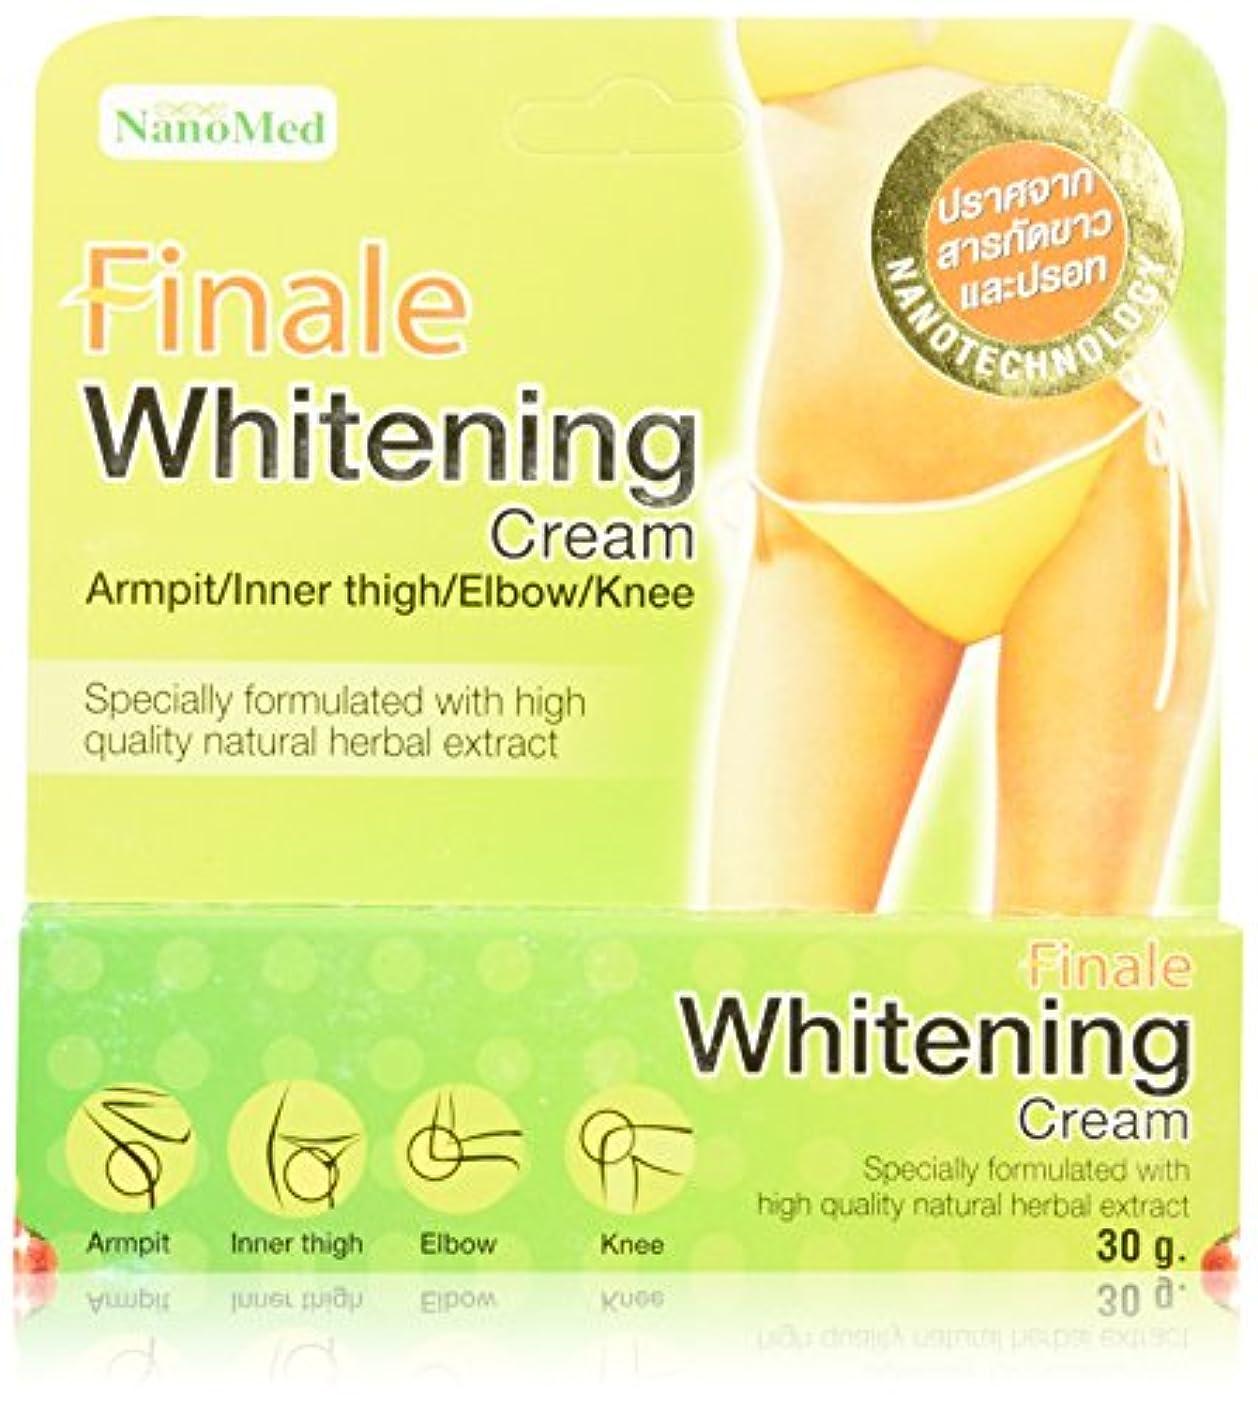 残酷スケート解放ボディーホワイトニングクリーム Finale Whitening Cream 並行輸入品?タイより直送